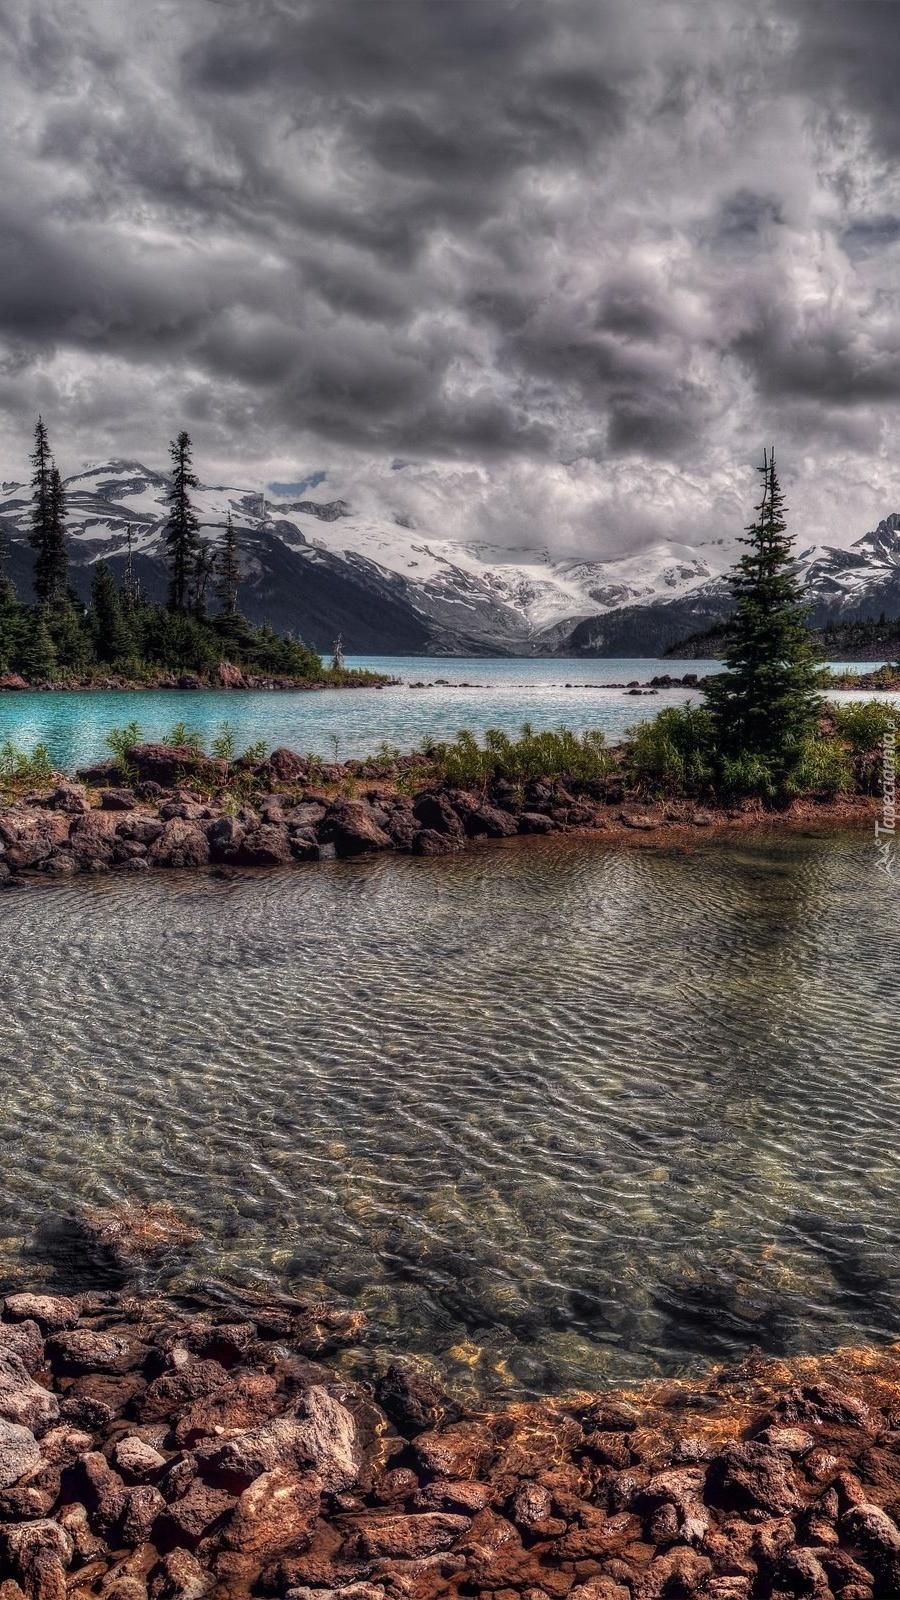 Kamienista rzeka w górach